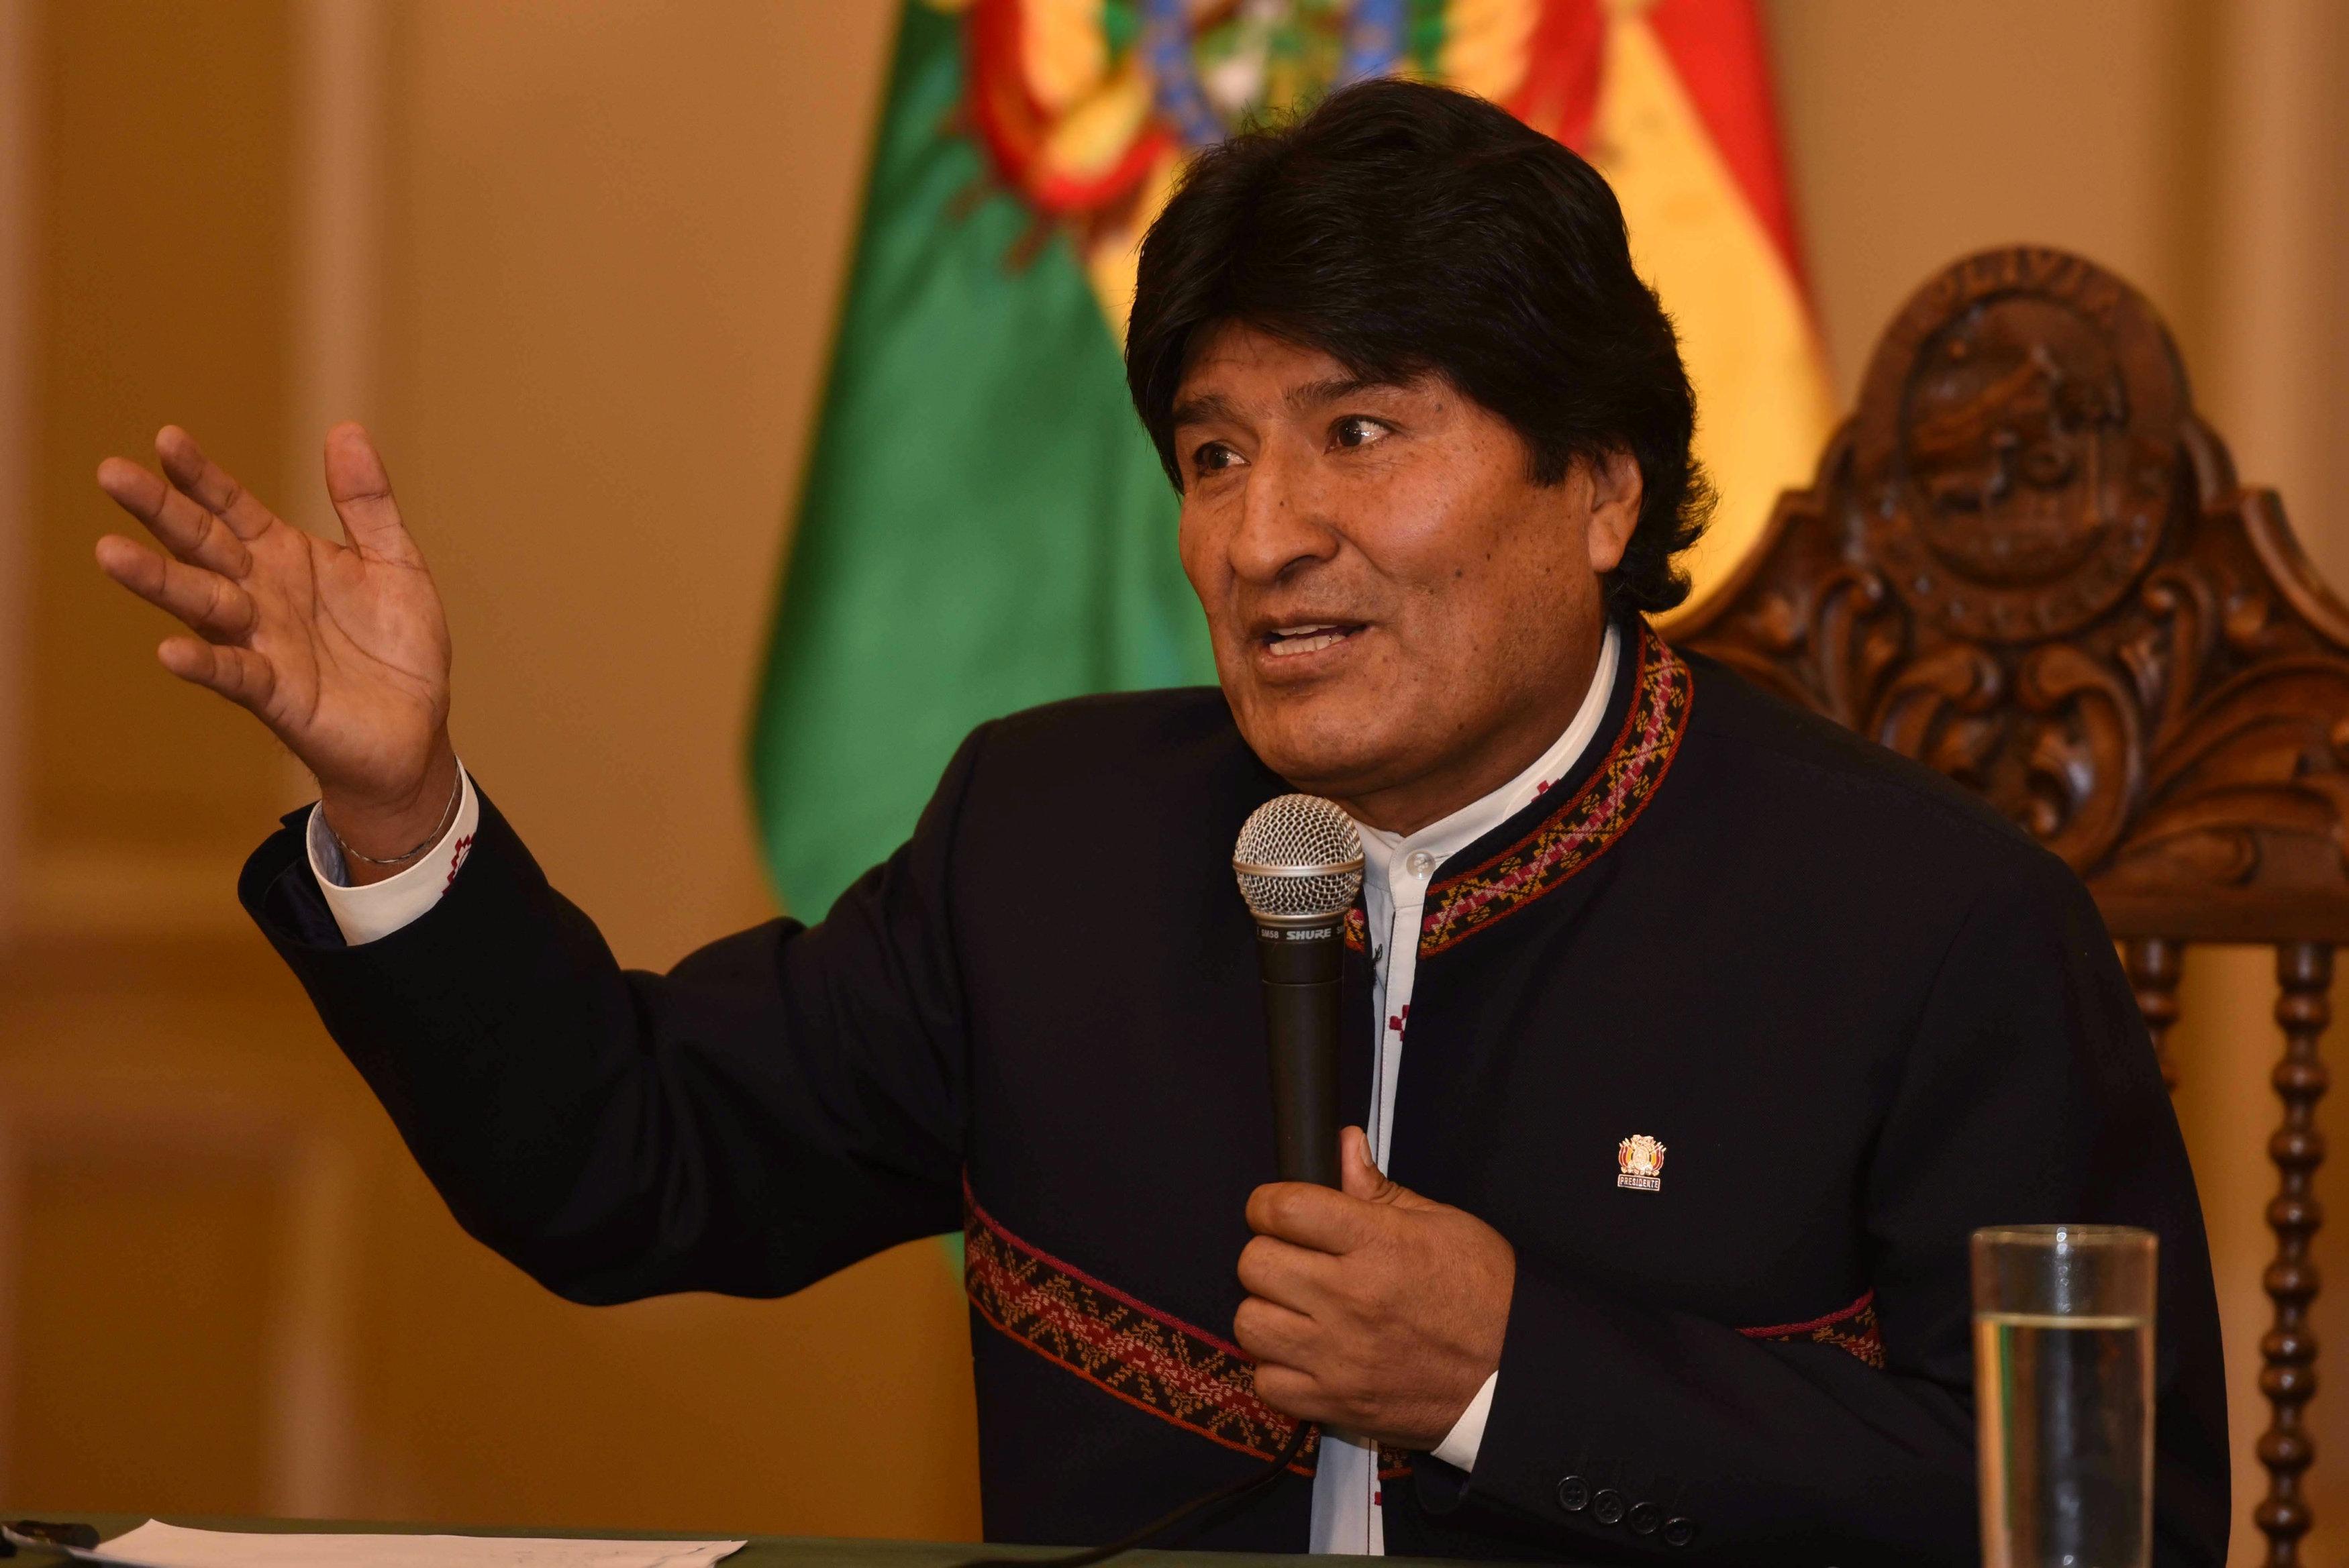 """Evo Morales asegura que la """"verdadera amenaza"""" es EE.UU. y no Venezuela-Noticias de Canada-@latincanada.ca"""